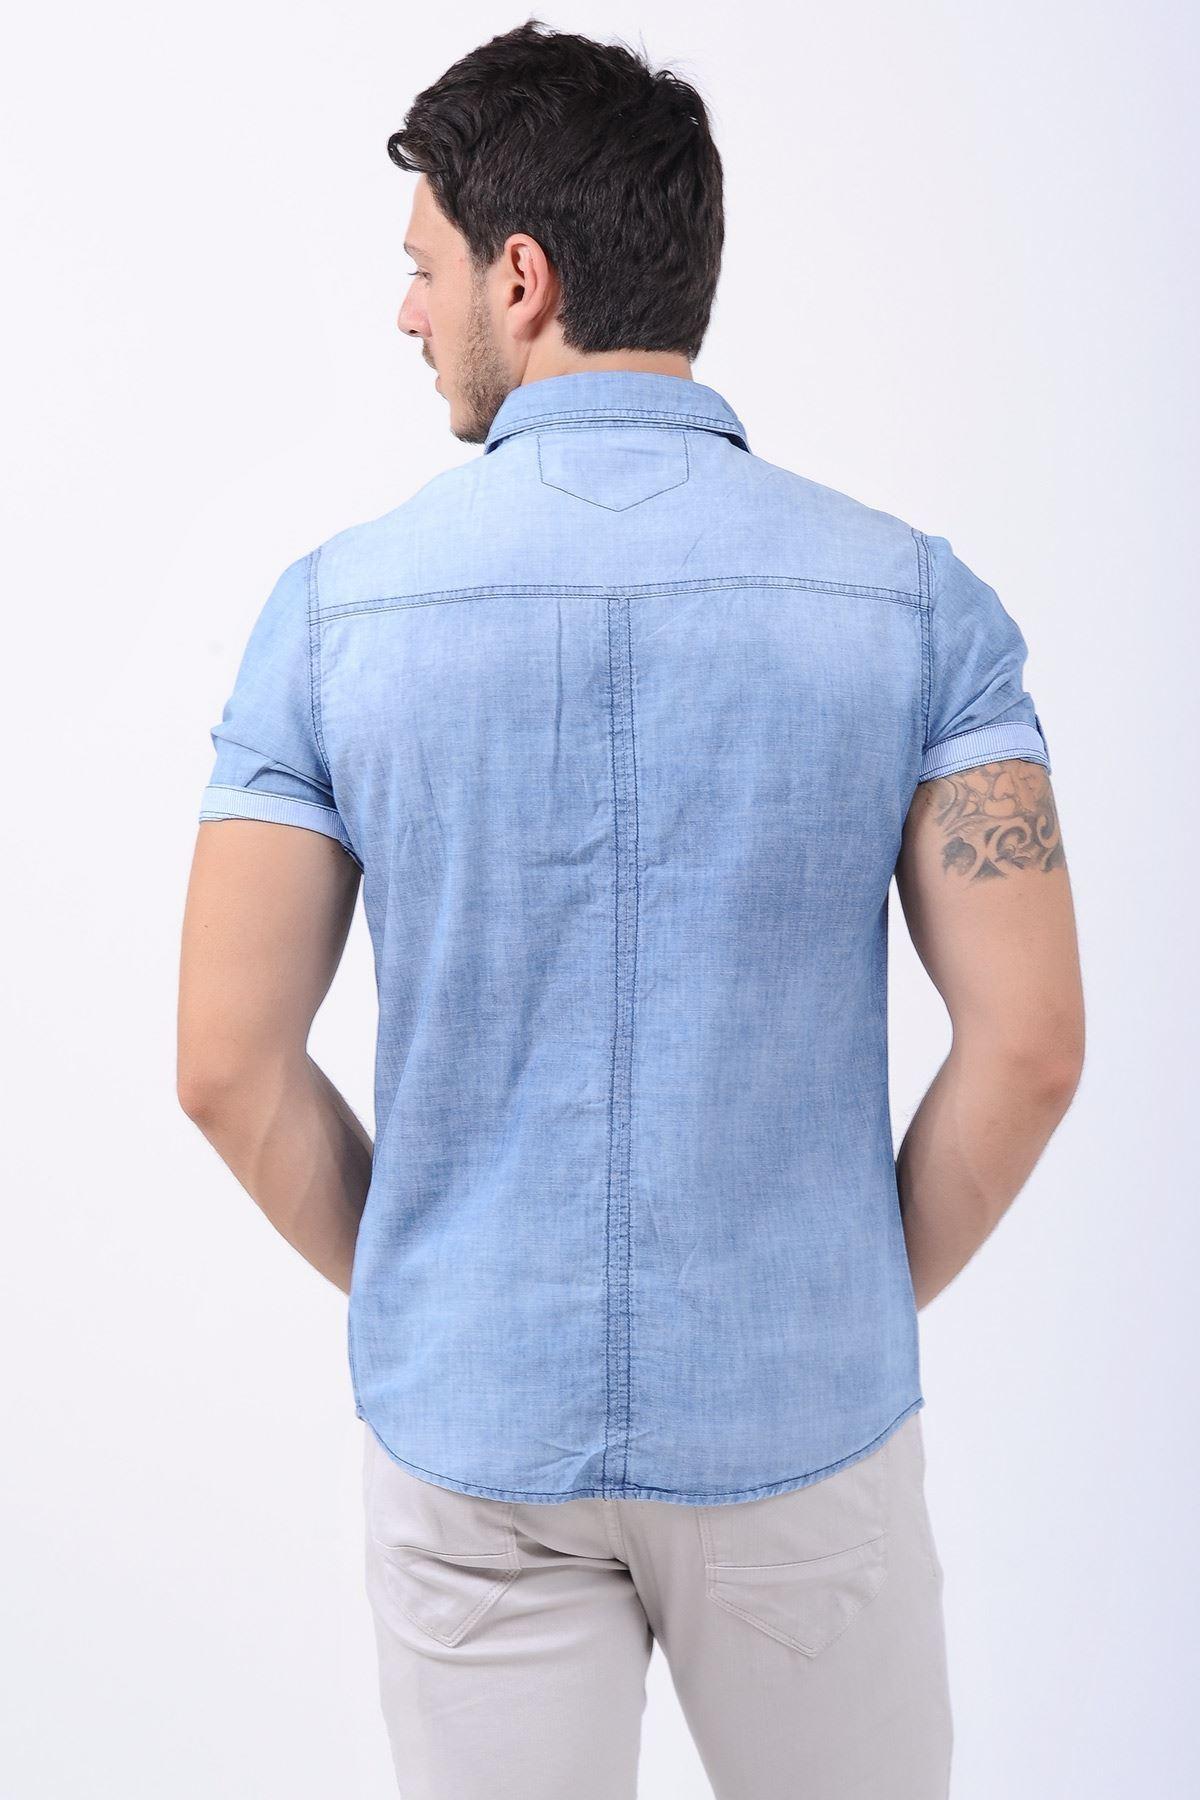 Çift Cep Kısa Kol Açık Mavi Erkek Kot Gömlek